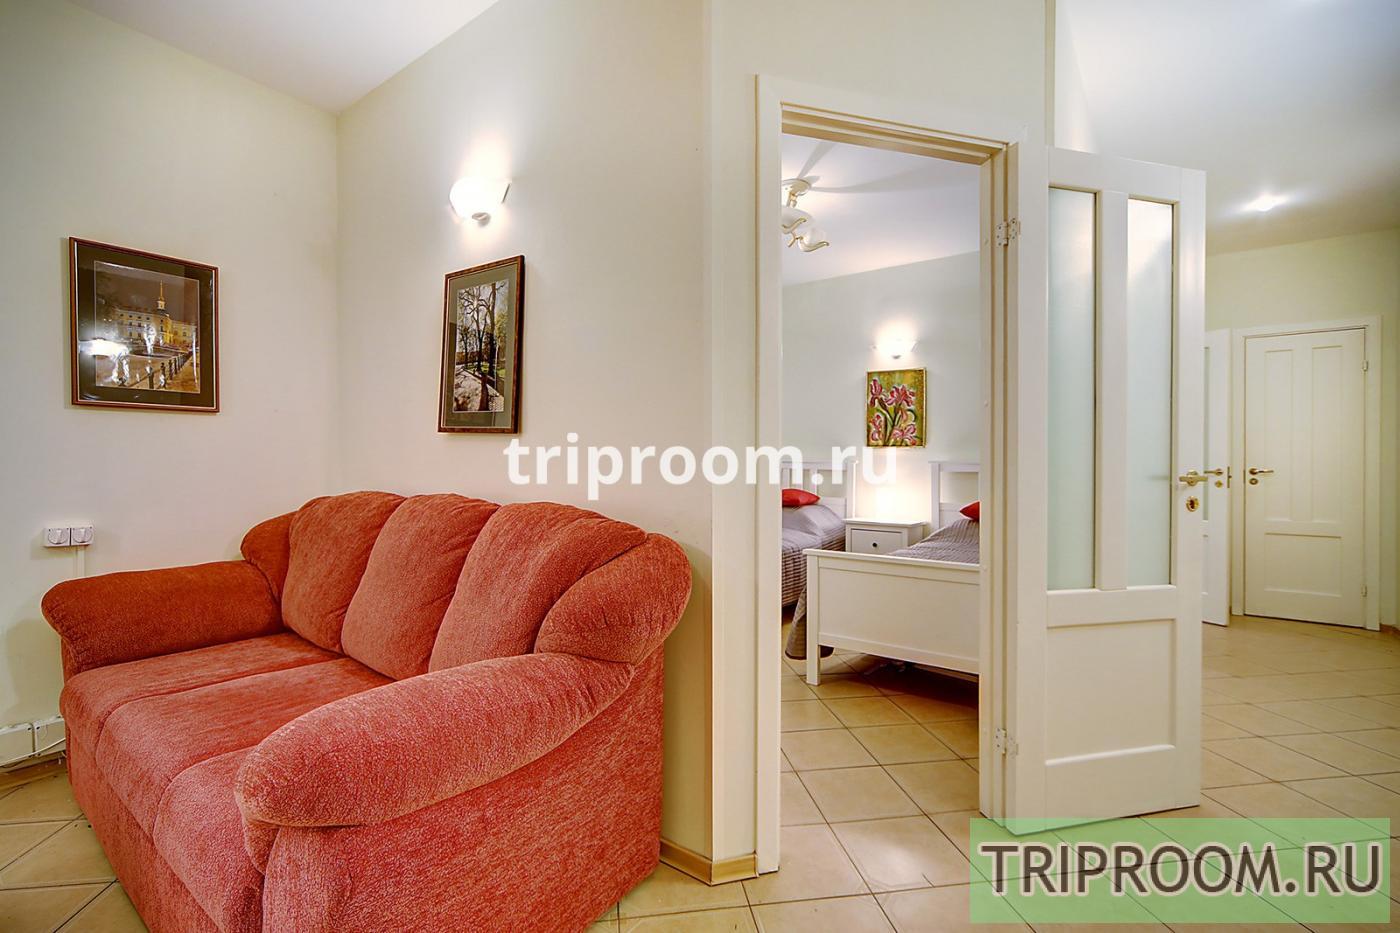 3-комнатная квартира посуточно (вариант № 14749), ул. Большая Конюшенная улица, фото № 10